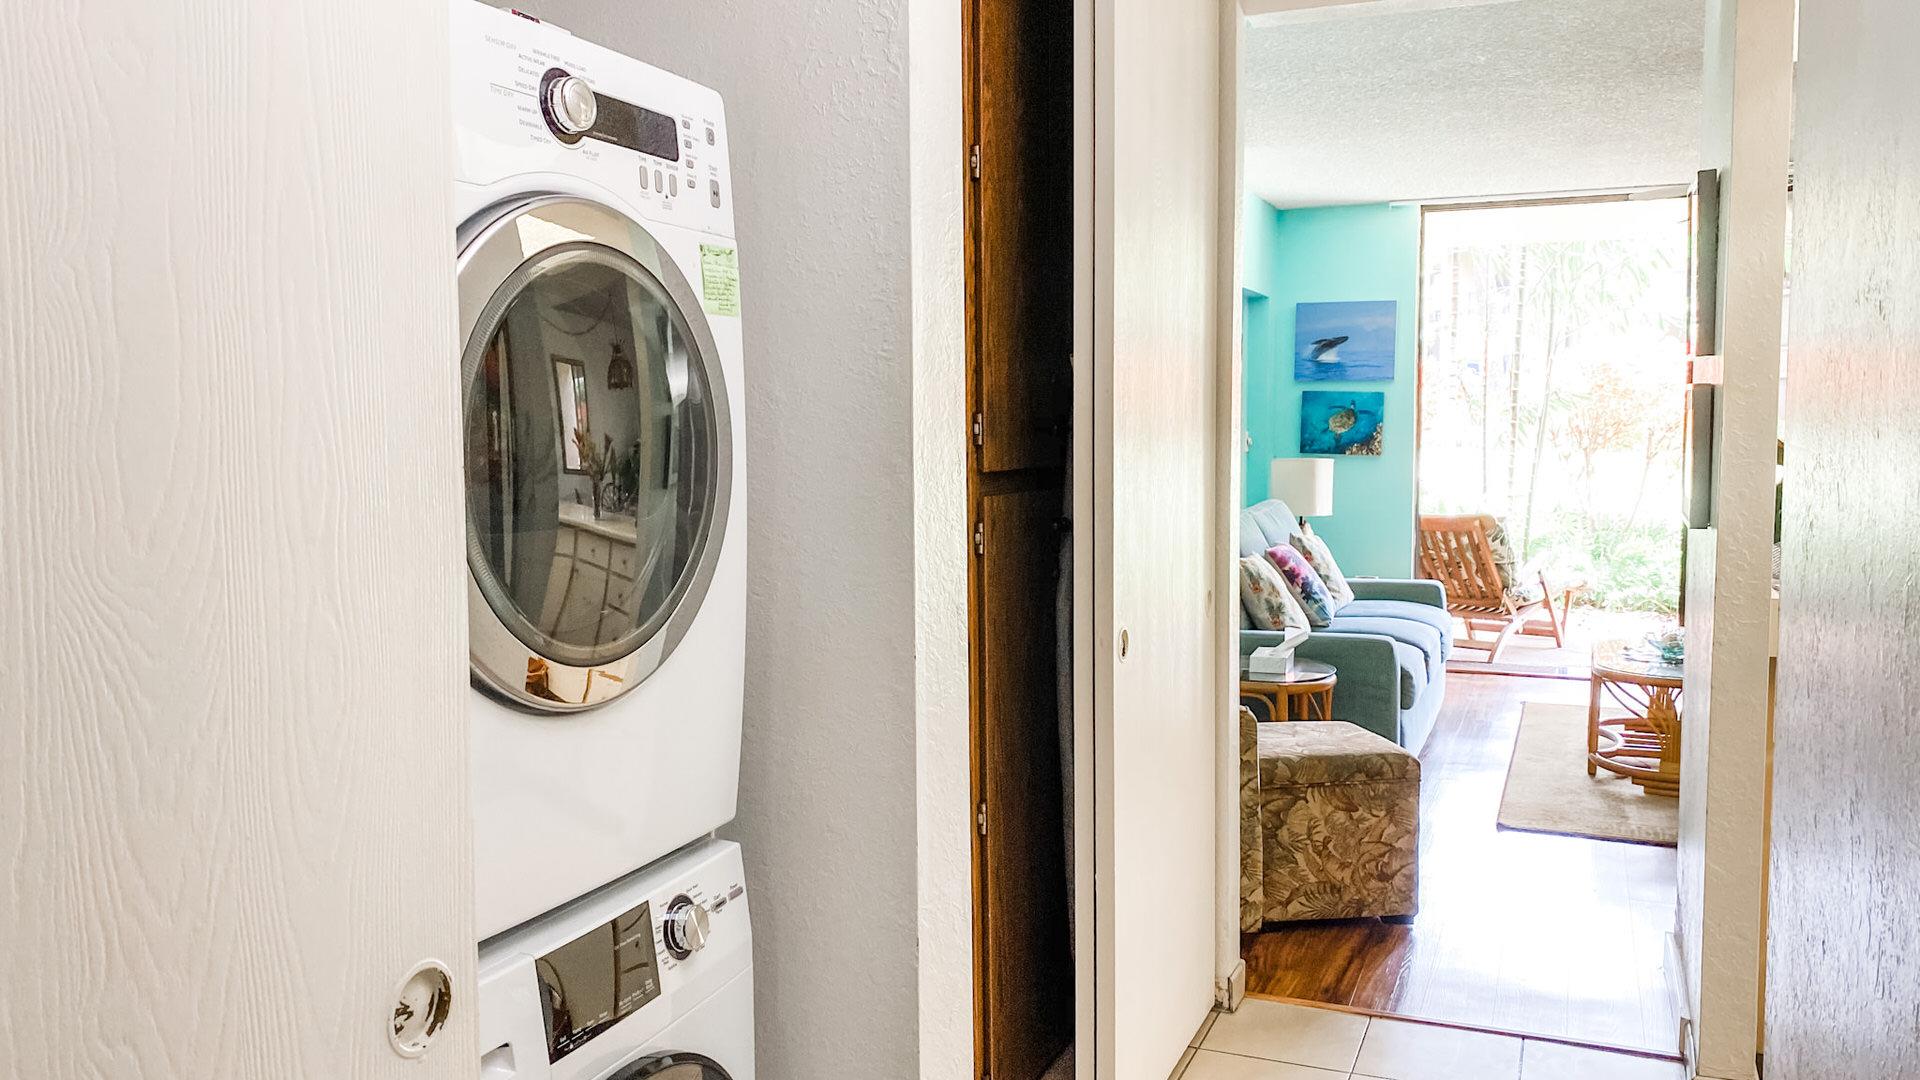 C108 Laundry